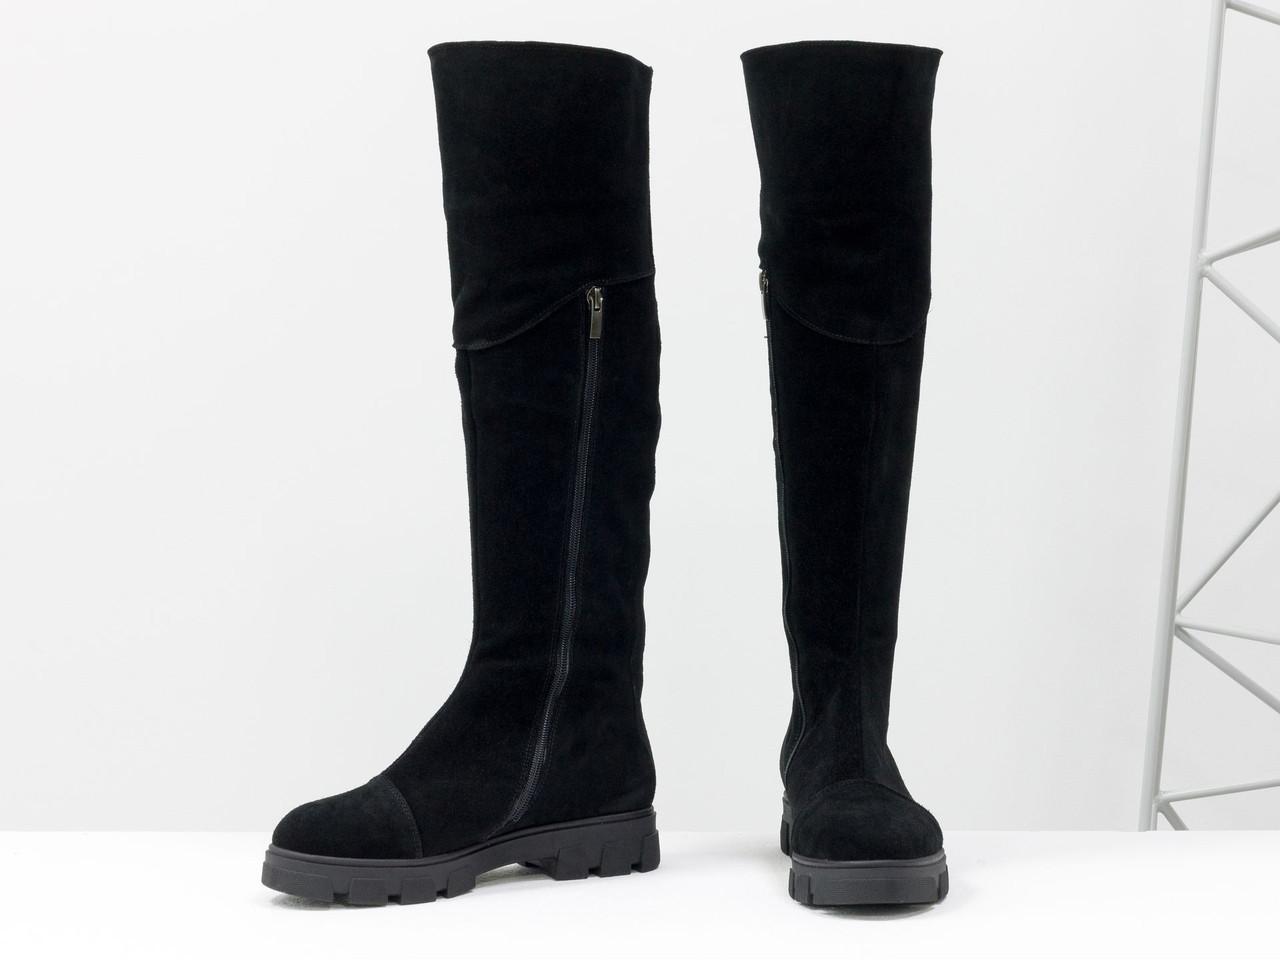 Высокие женские сапожки из натуральной замши черного цвета с яркой молнией сзади, на противоскользящей подошве